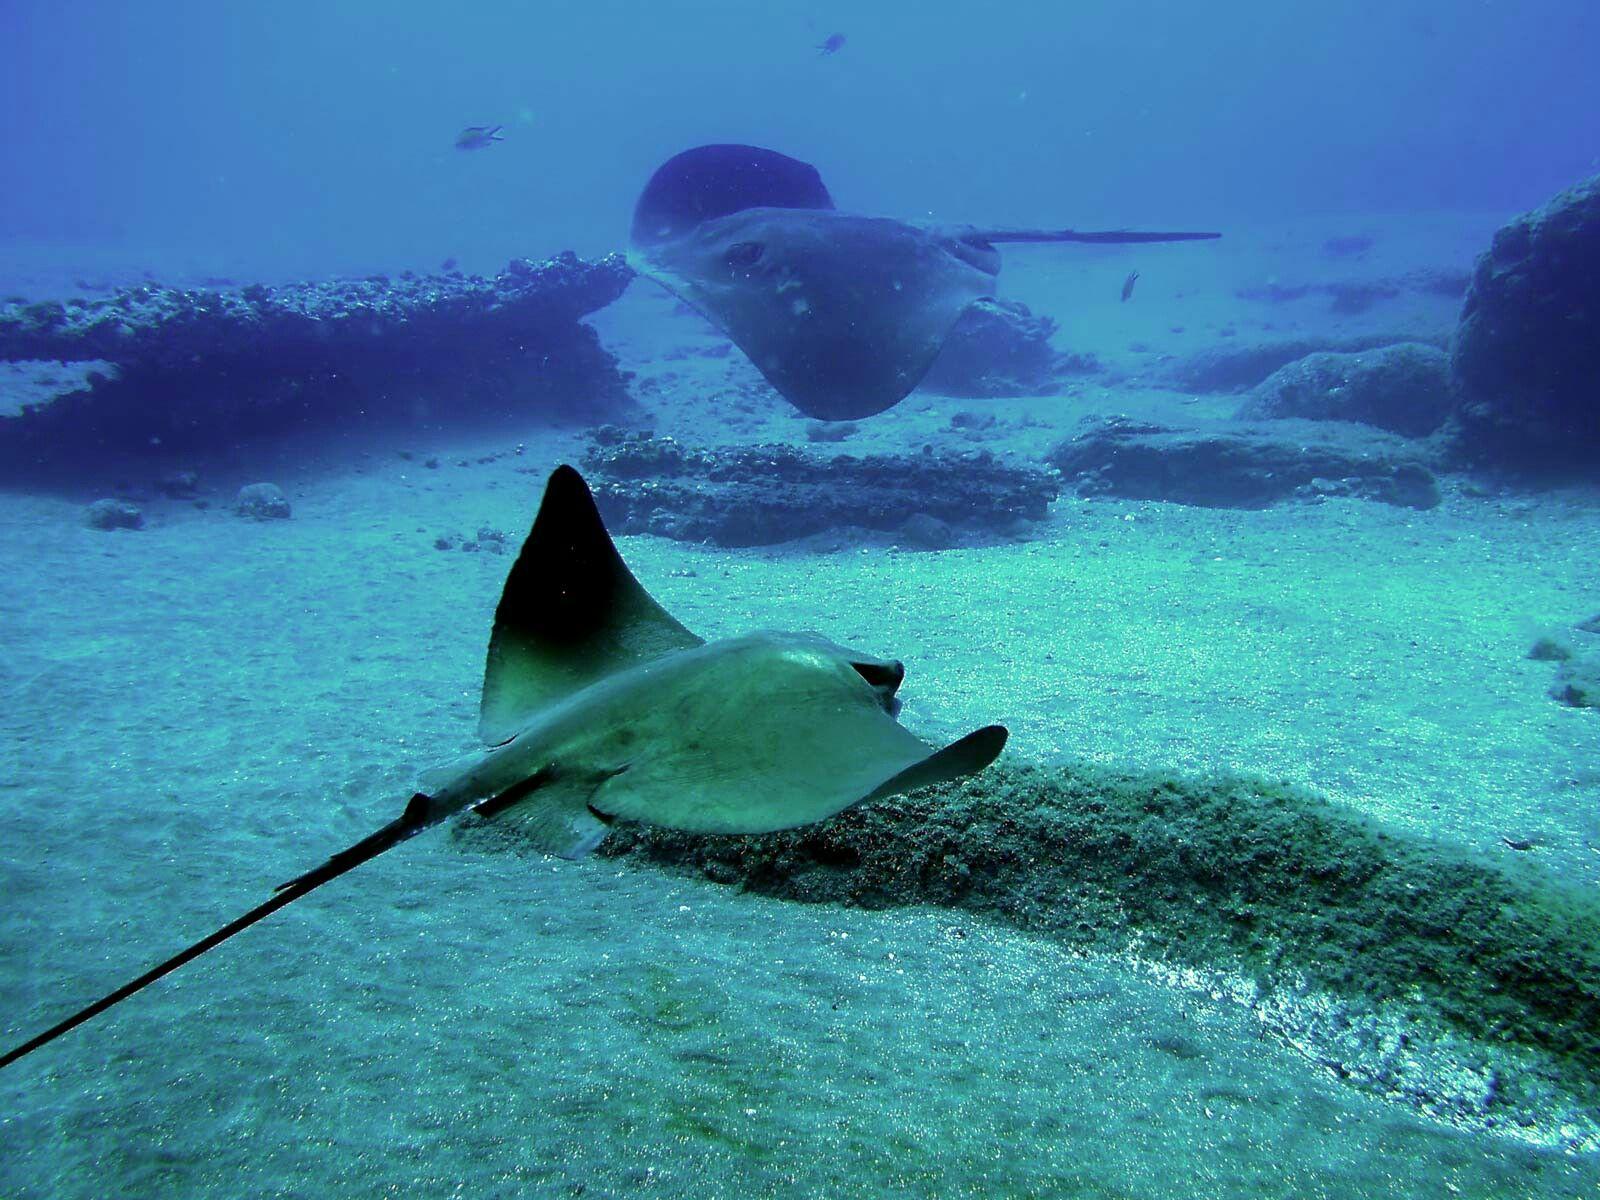 Картинки про подводных животных